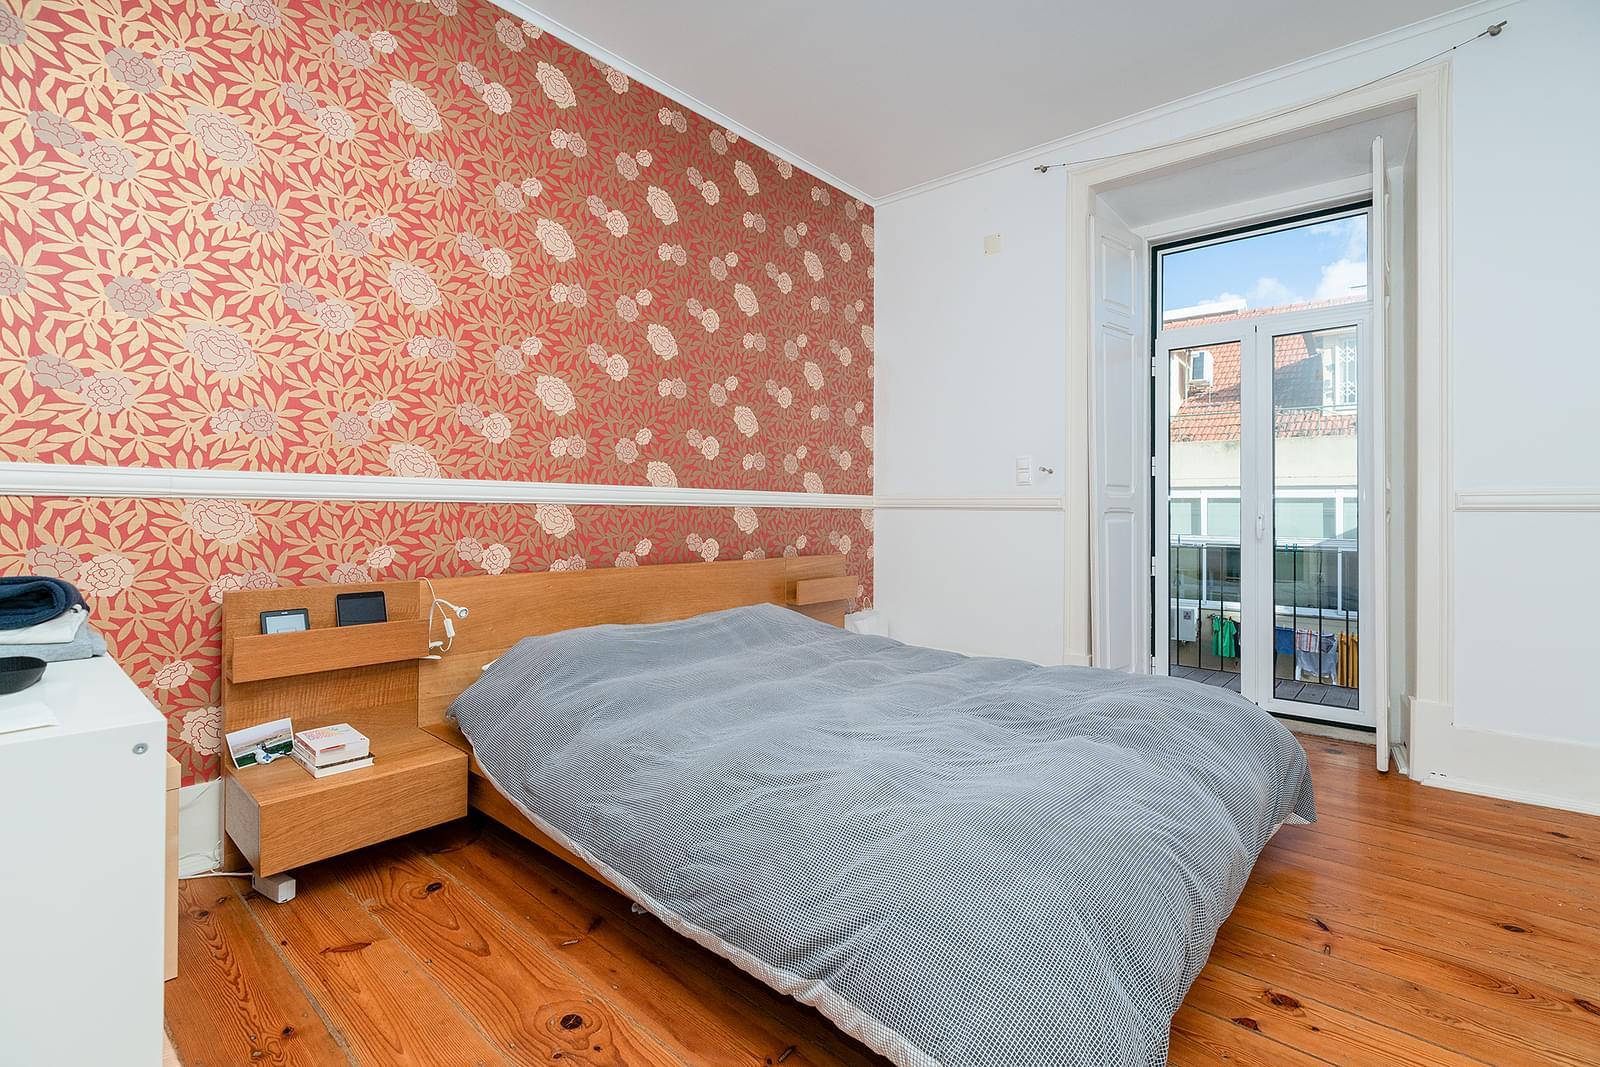 pf18211-apartamento-t2-1-lisboa-4d987fd2-253a-4e73-8b04-05810f662935